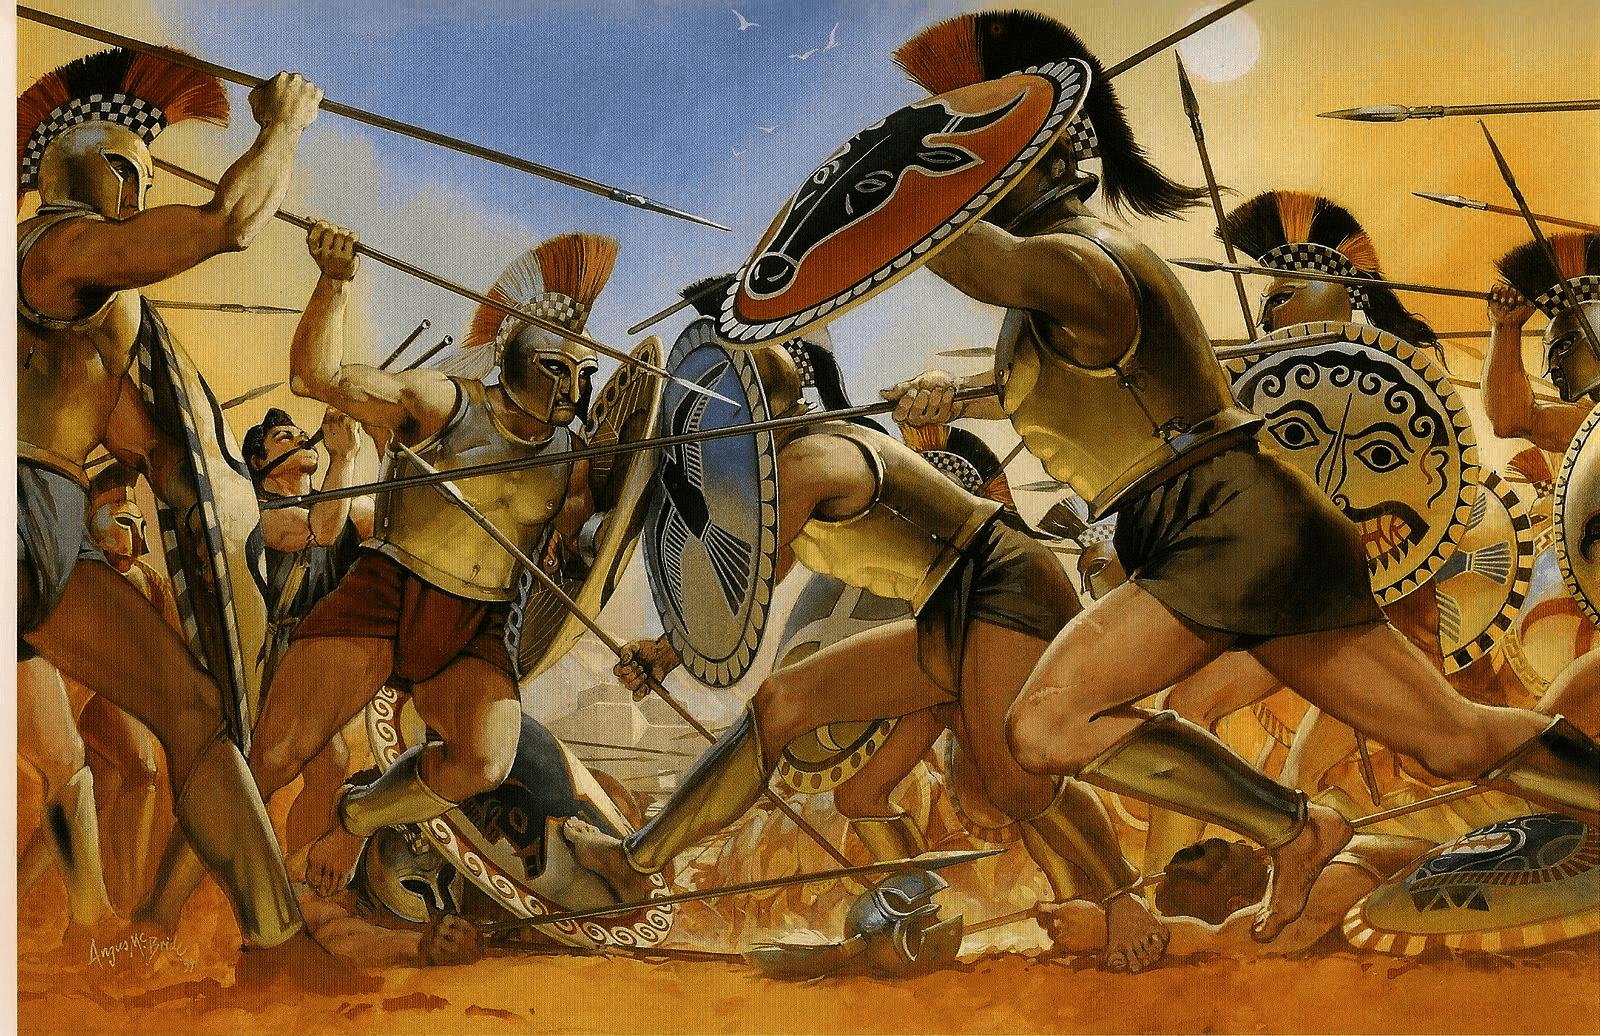 Choque entre falanges hoplitas siglo VII AC, se observa los cascos tipo corintio, las corazas tipo campana, y las grebas o espinilleras que no cubrían la rodilla. Autor Angus McBride para Osprey